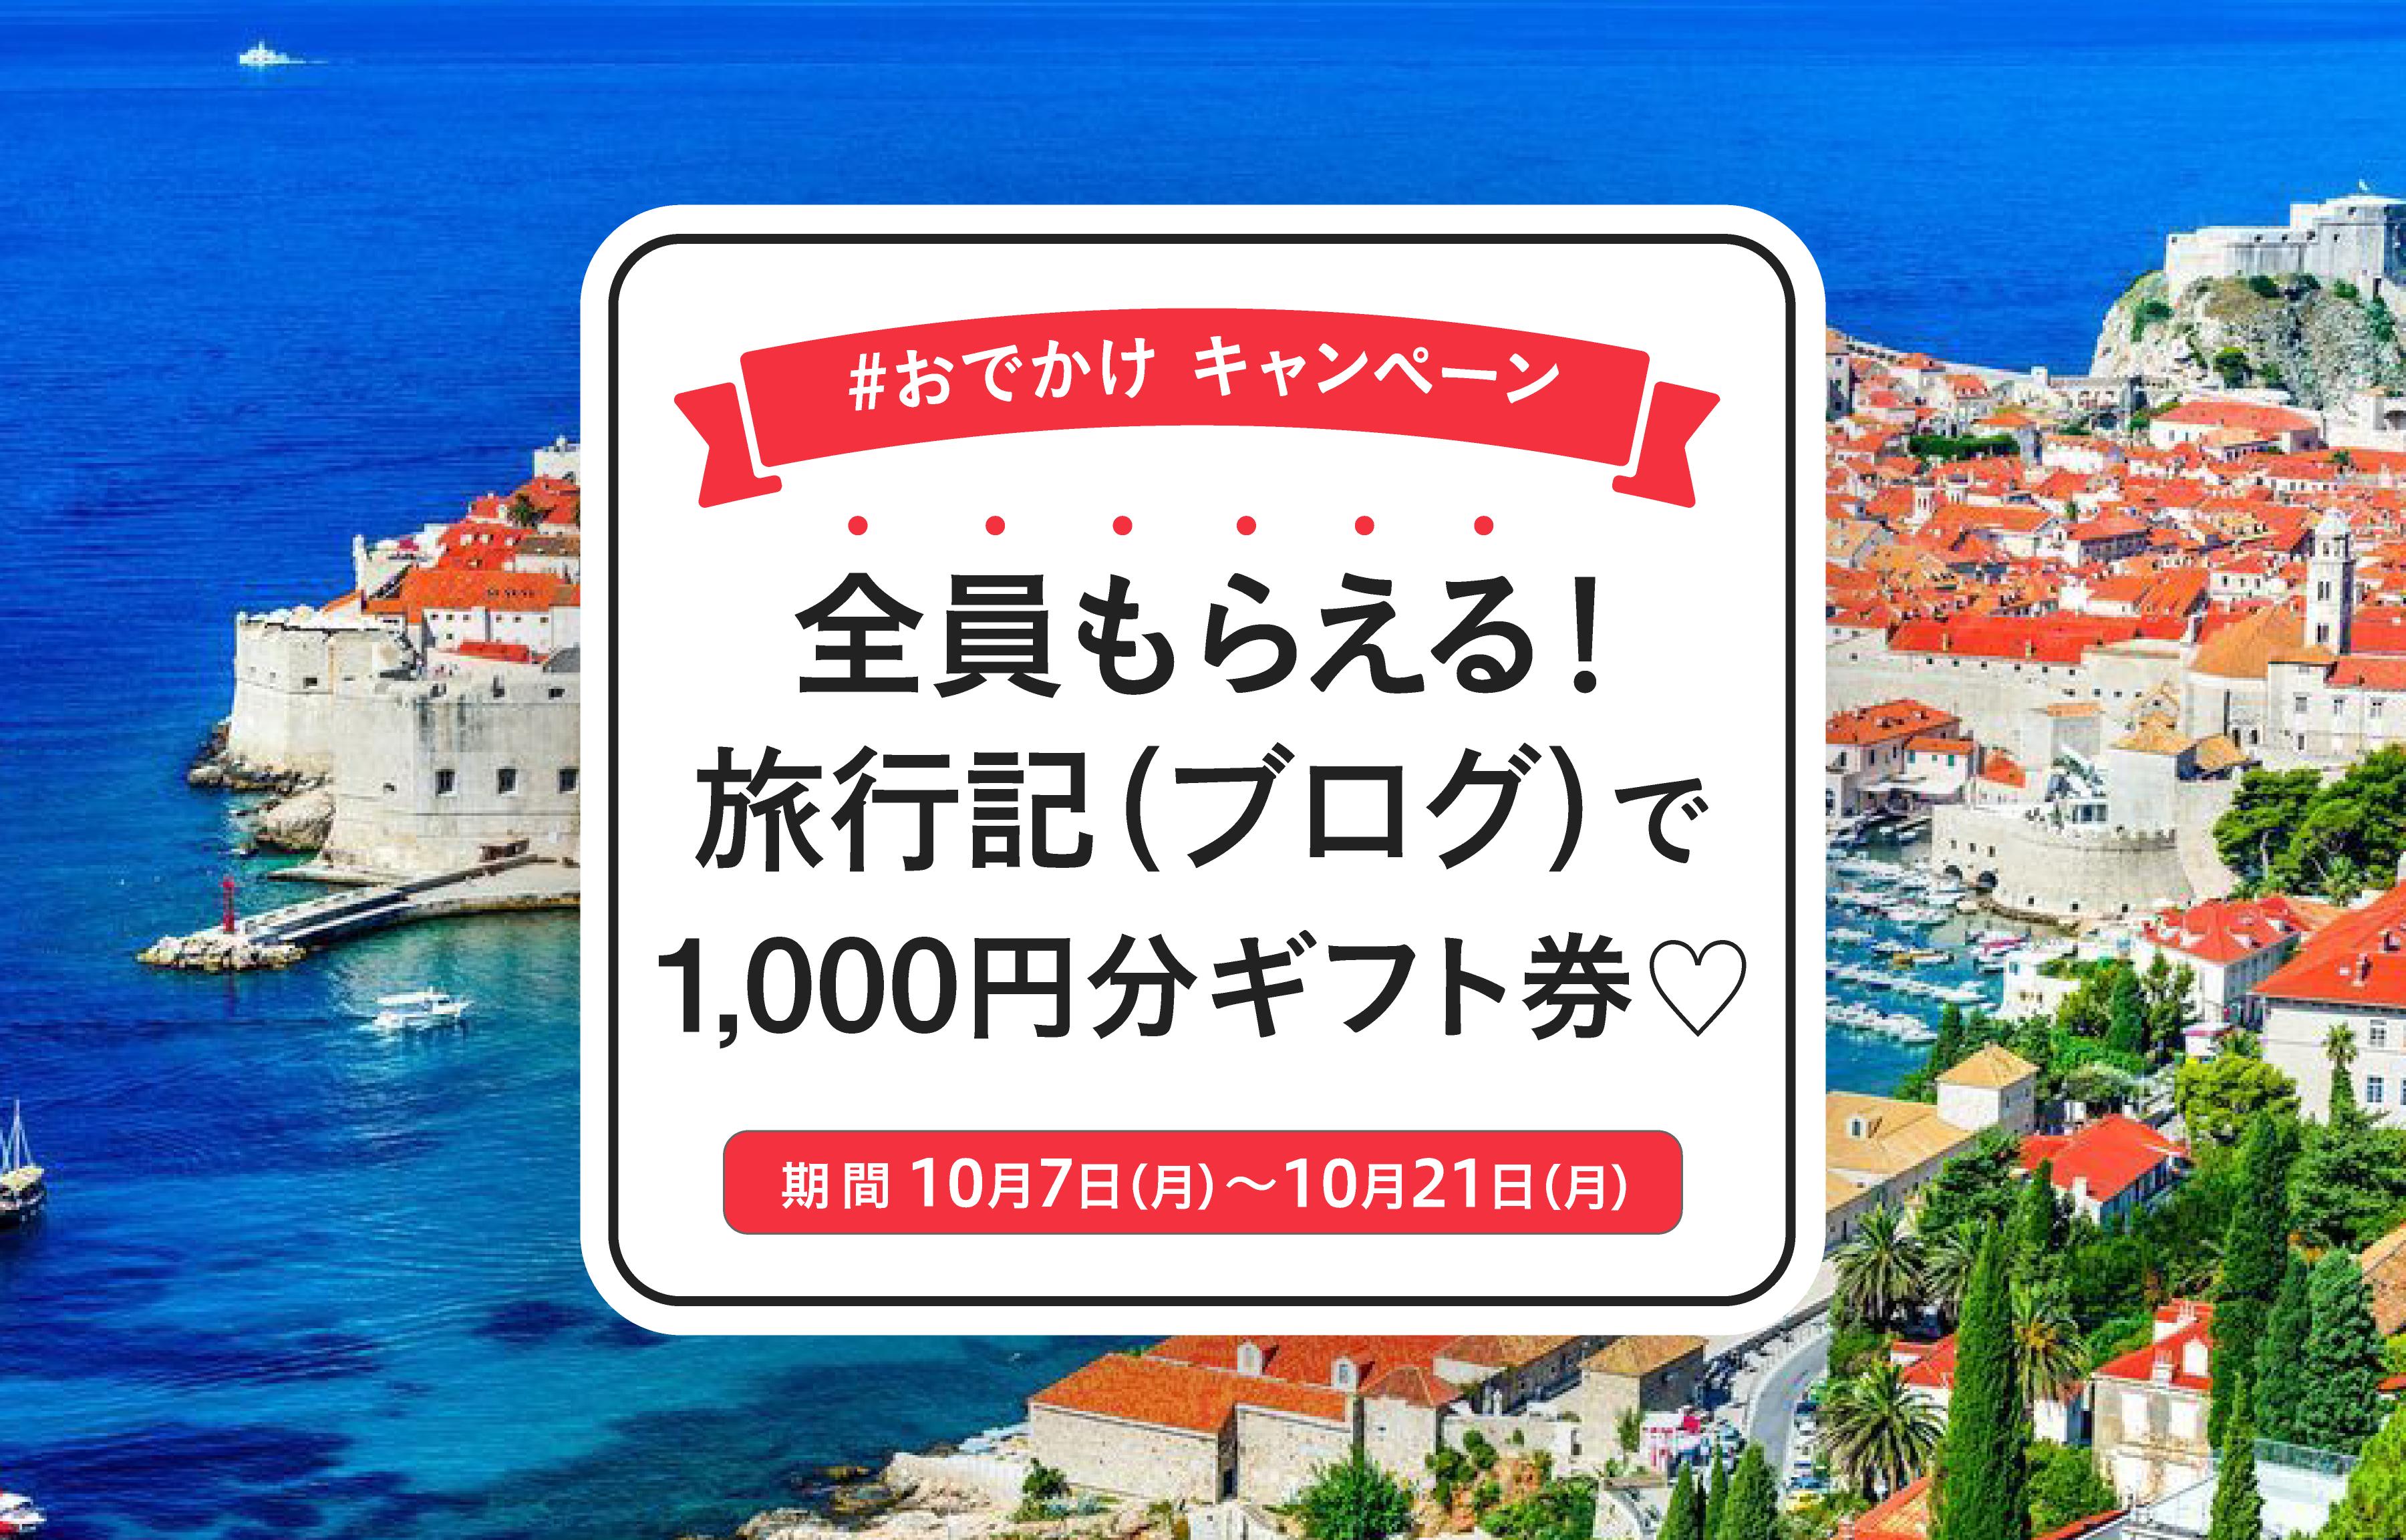 おでかけメディアのaumoで口コミ投稿でアマゾンギフト券1000円分がもれなく貰える。~10/21。